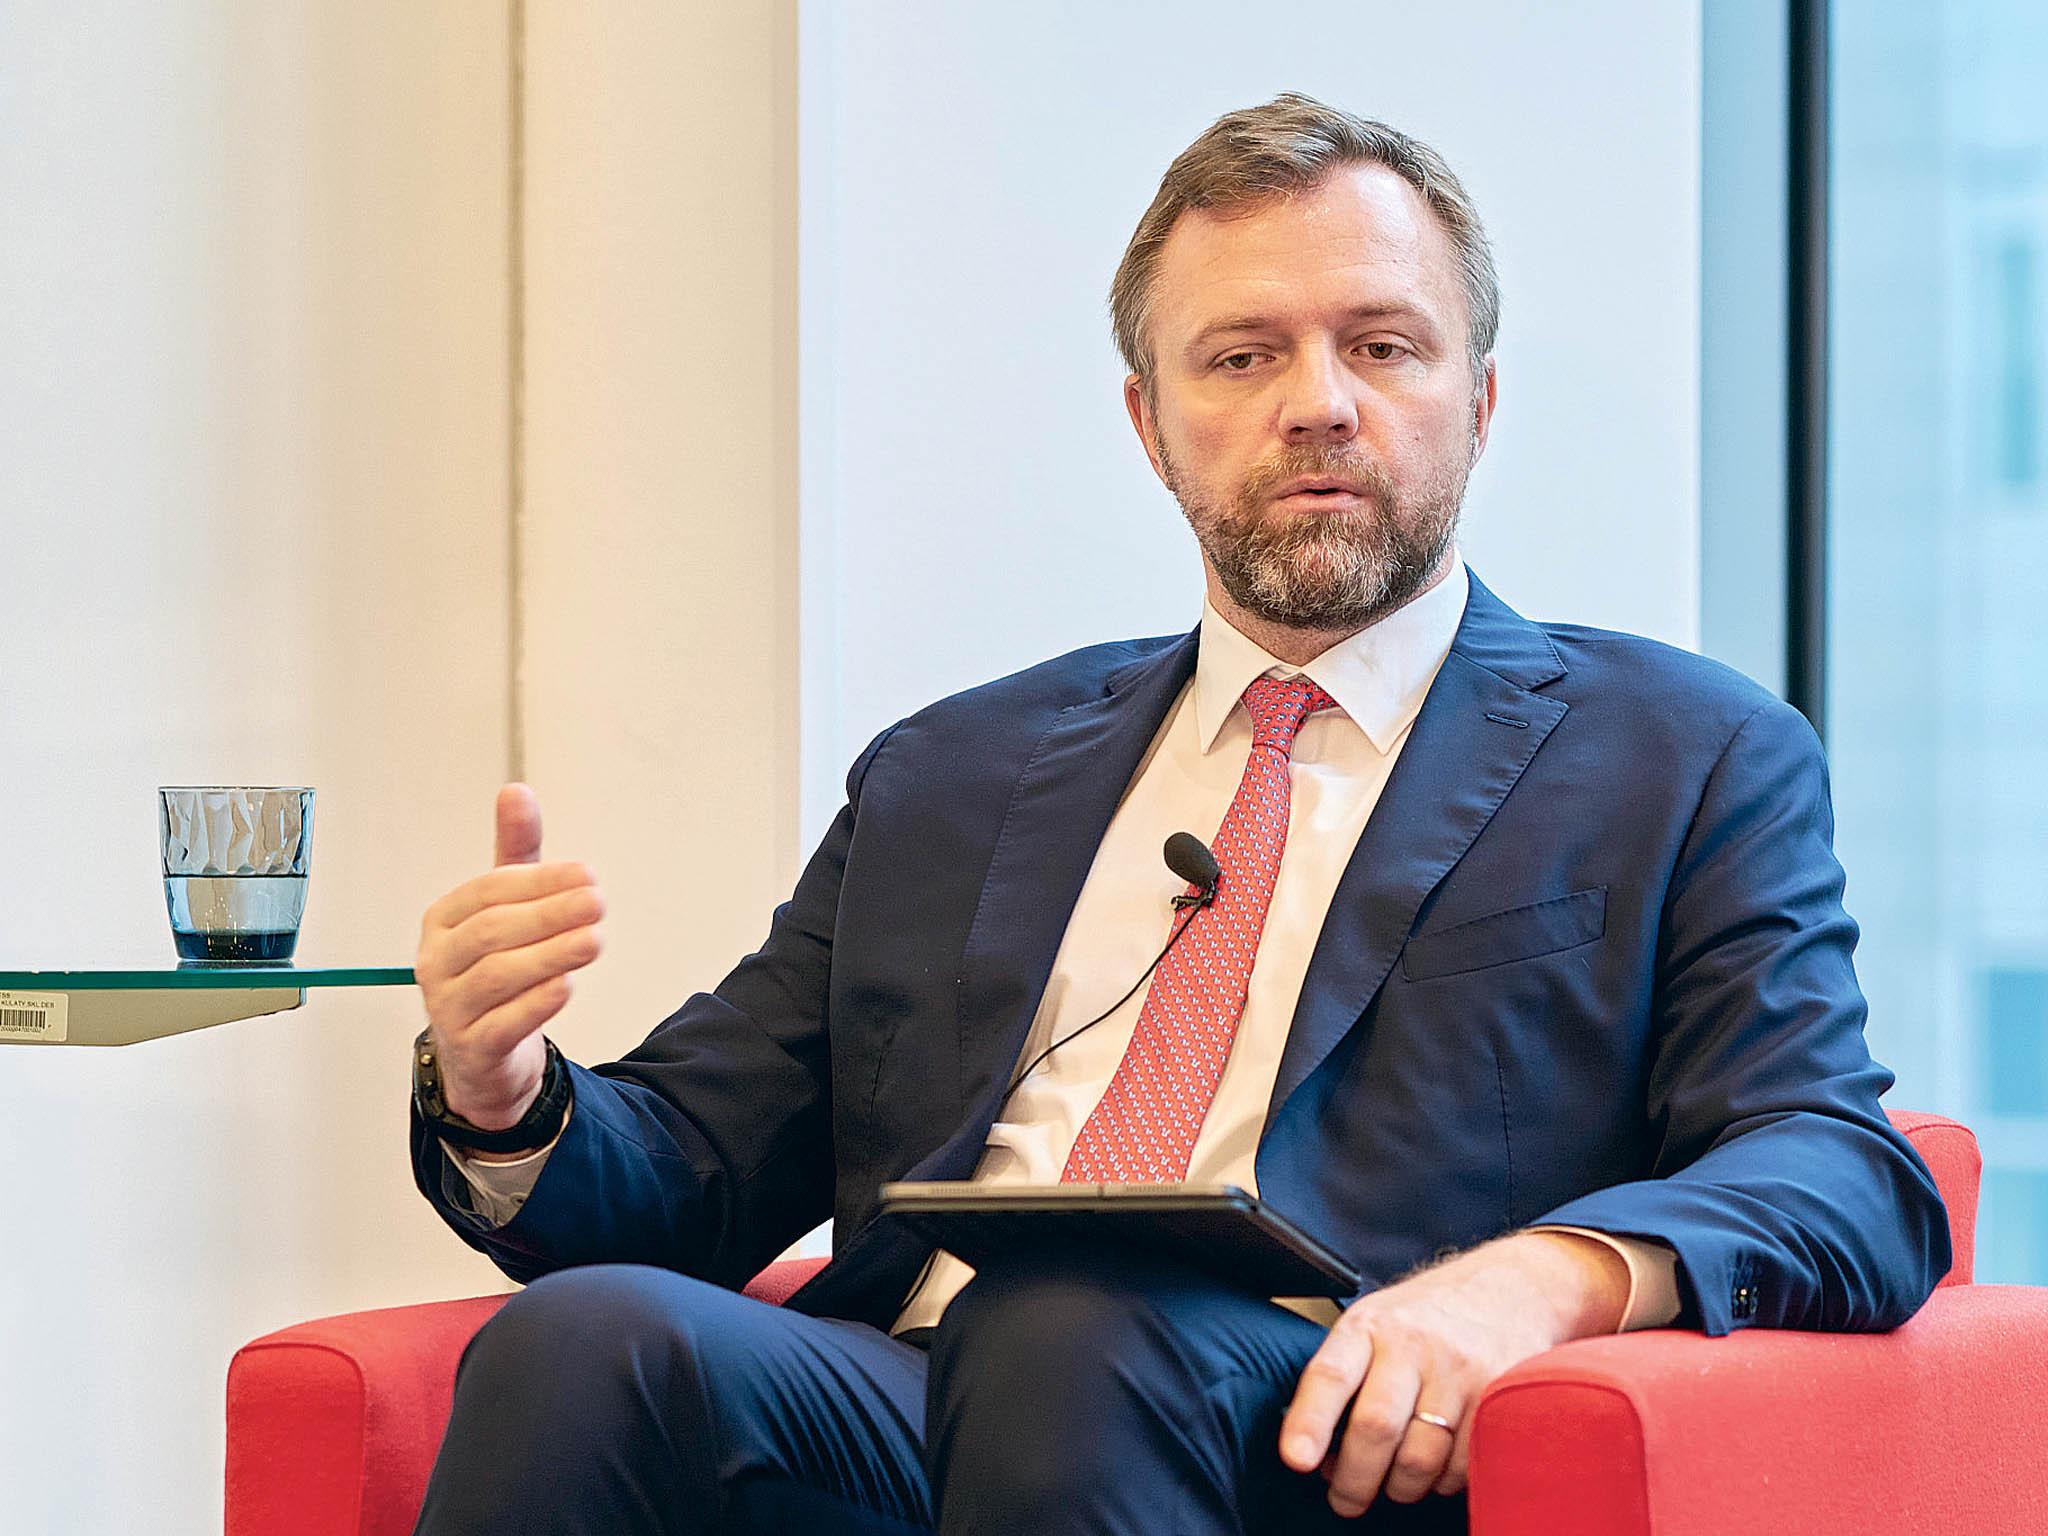 Komerční banka se zavázala financovat projekty obnovitelných zdrojů energie 120 miliardami eur, uvedl předseda představenstva agenerální ředitel Komerční bankyJanJuchelka.